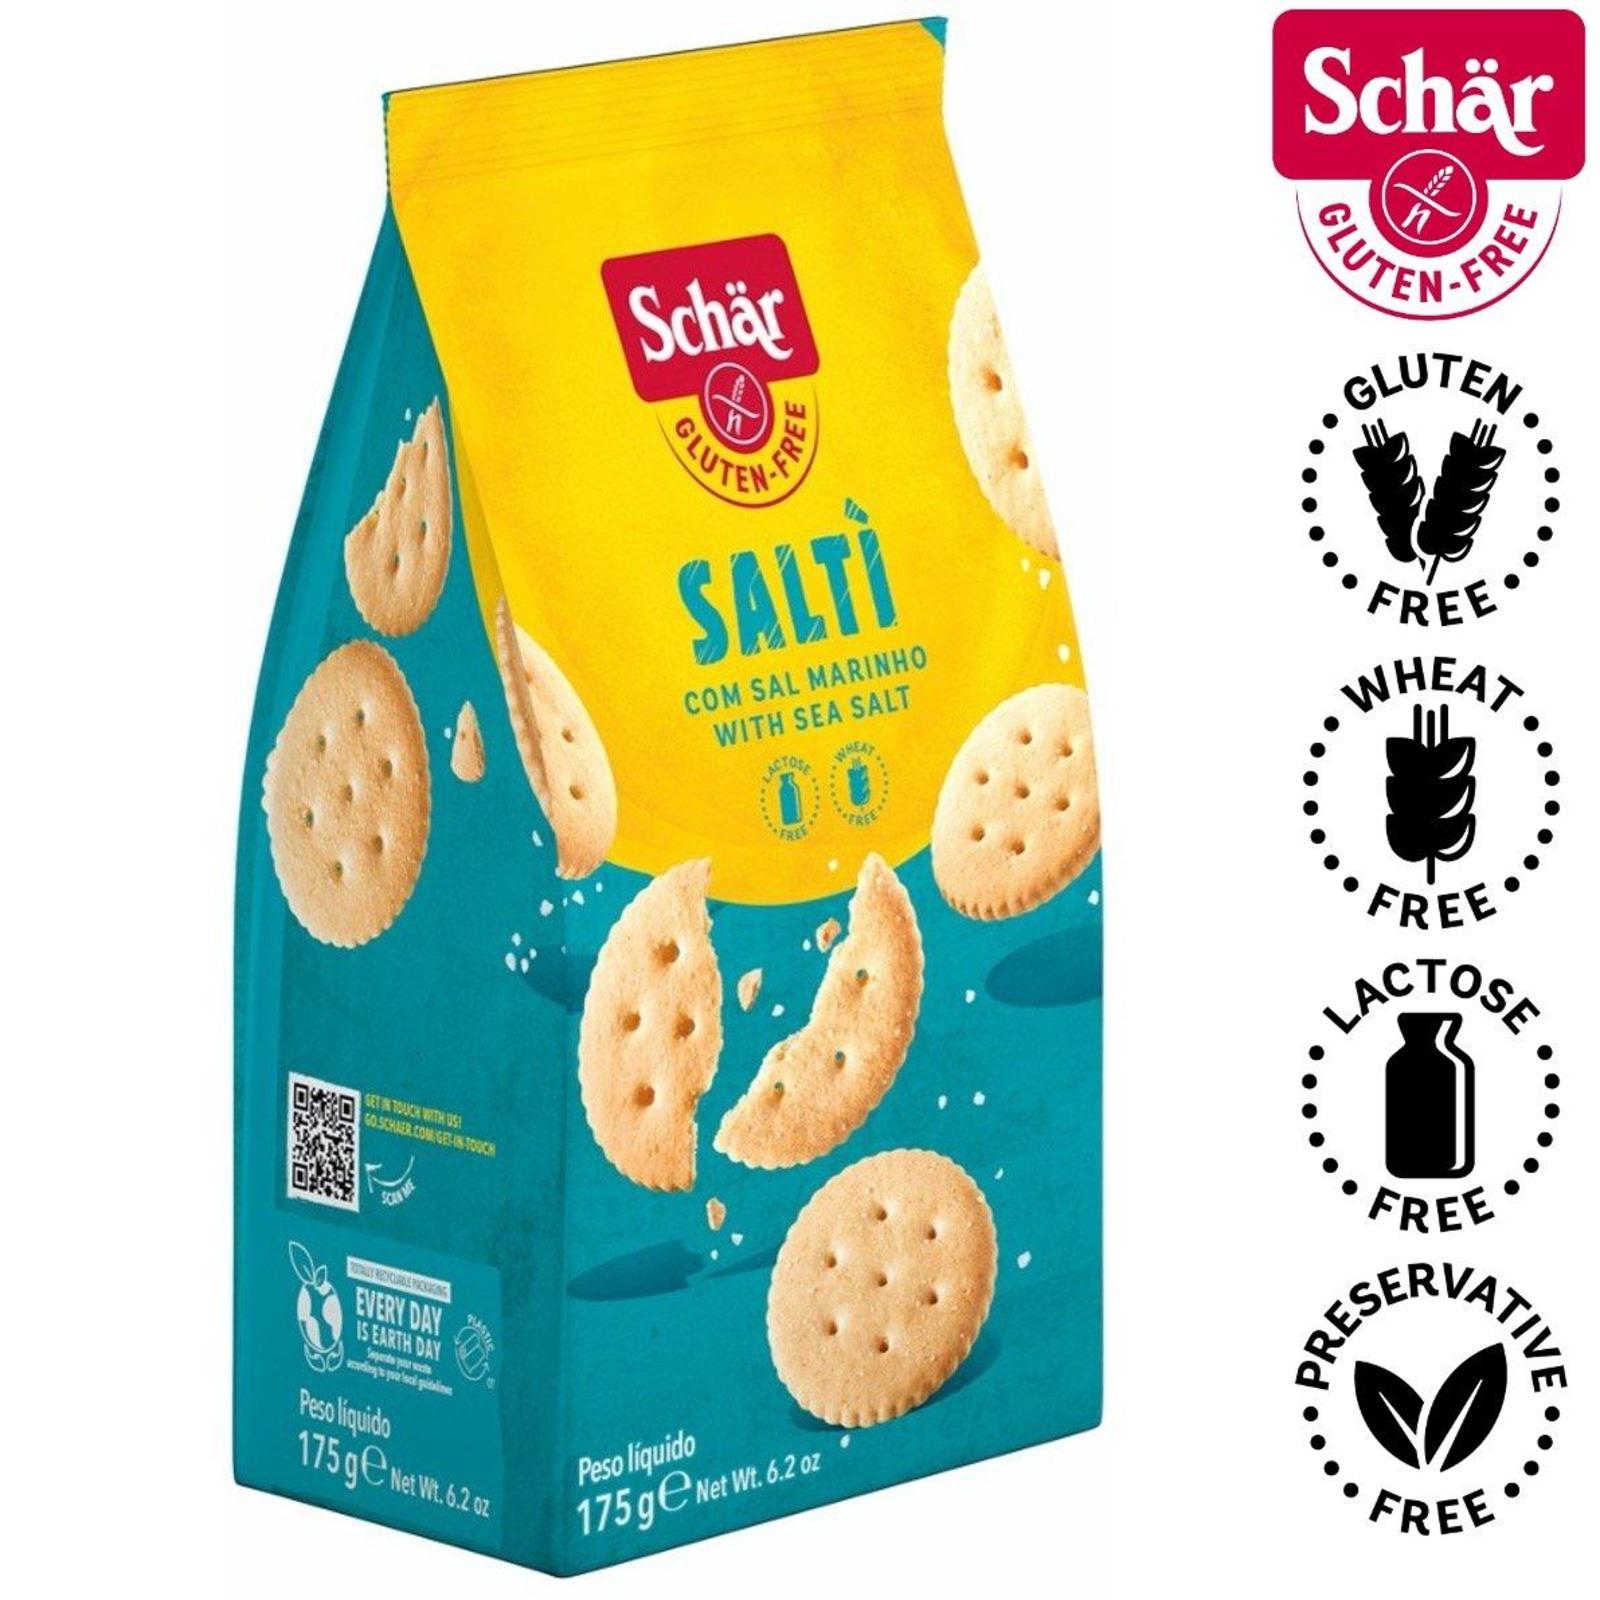 Dr. Schar Salti, Salted Crackers - Gluten Free